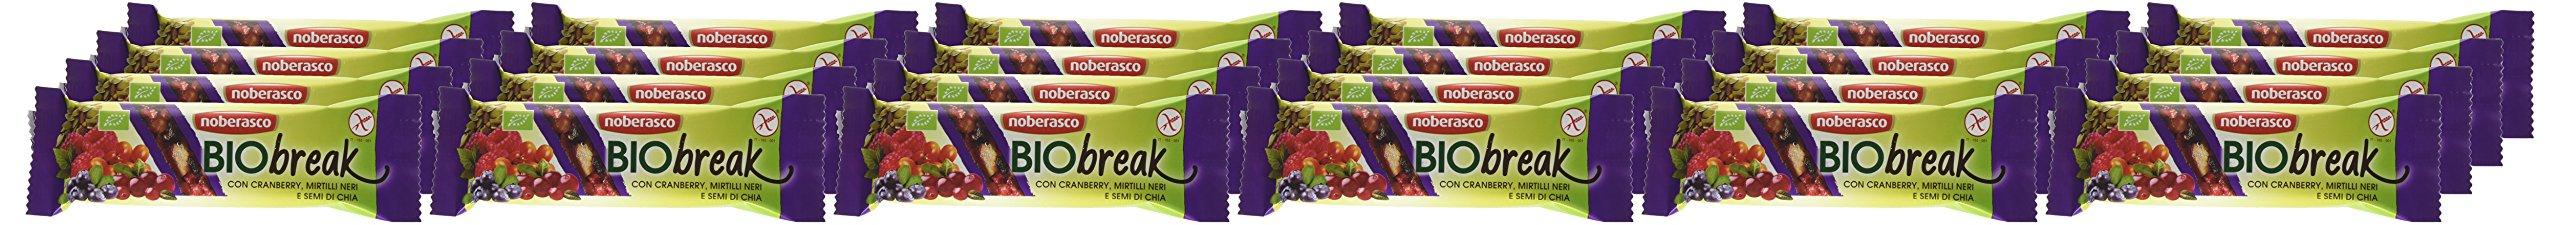 Noberasco BioBreak con Cranberry, Mirtilli Neri e Semi di Chia 35 g; 24 BARRETTE CON FRUTTA ESSICCATA, FRUTTA SECCA E… 1 spesavip